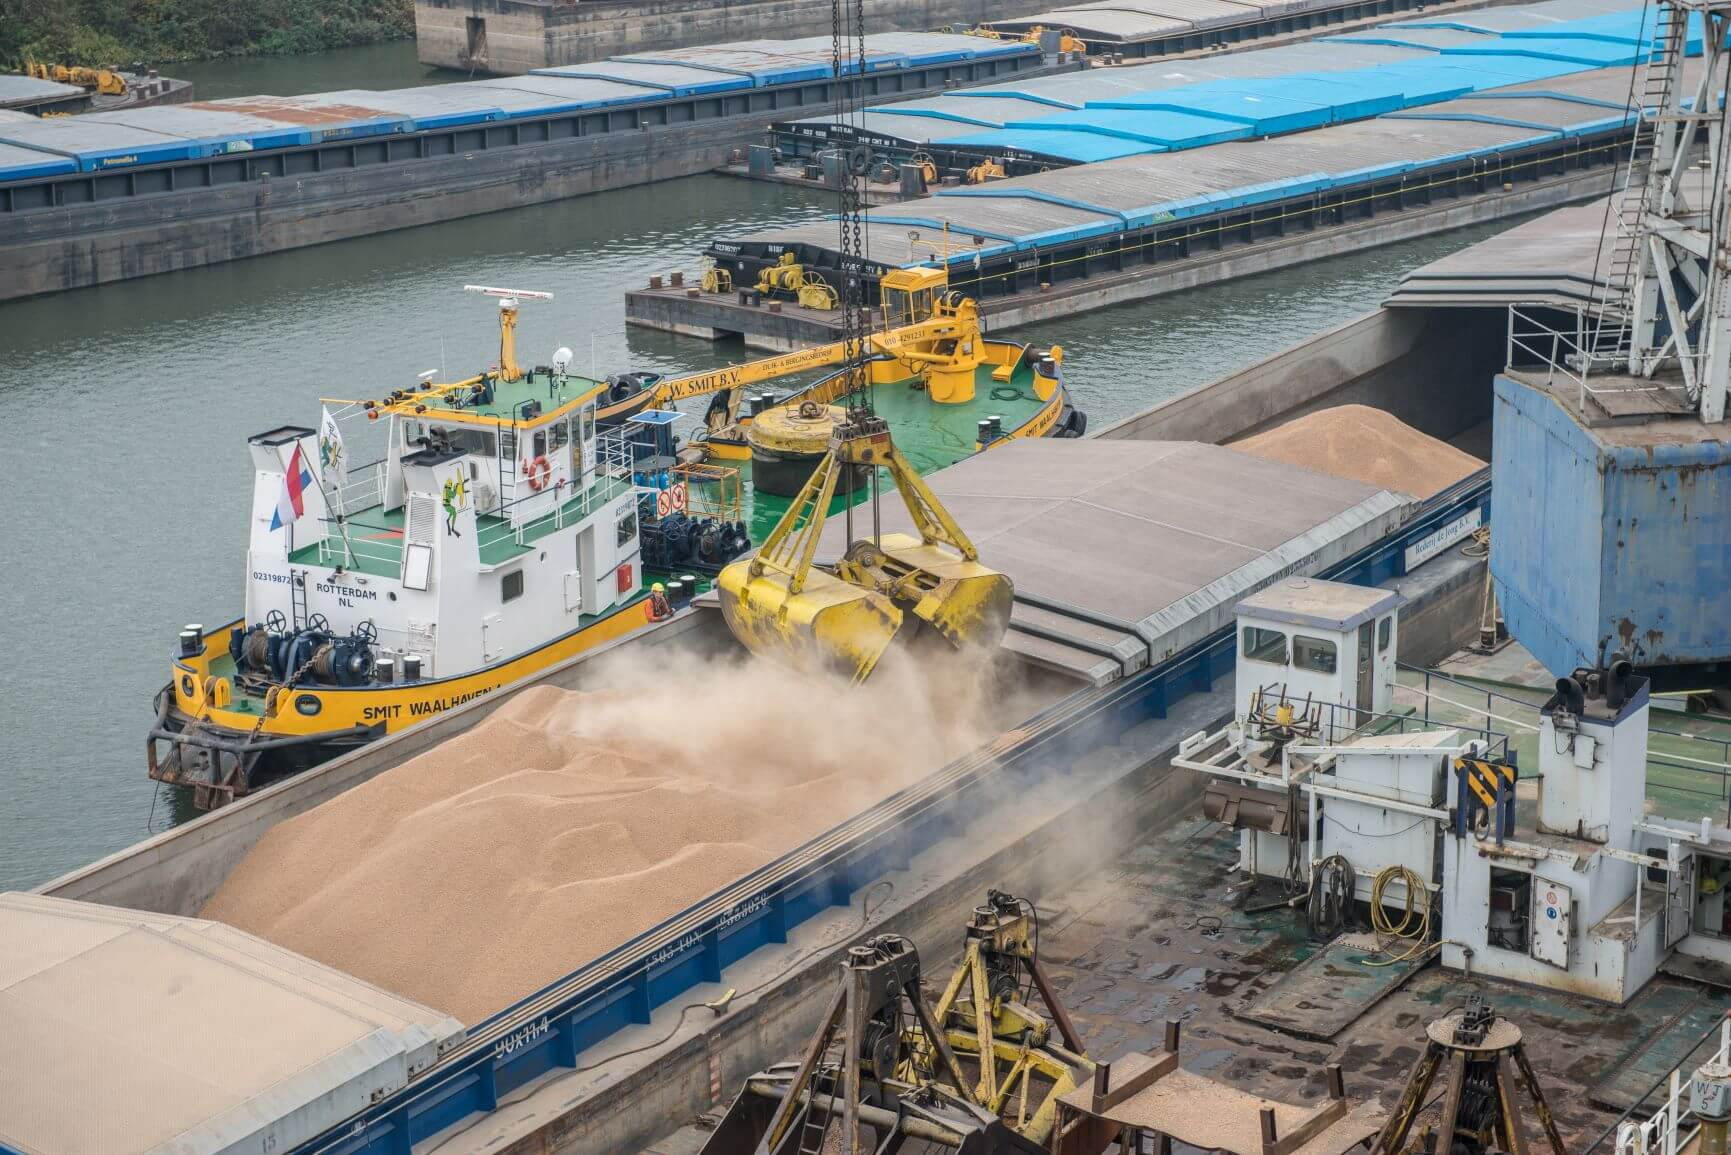 Stromerzeugung im enformer Luftaufnahme Entladen von Holzpellets eines Frachtschiffes am Kraftwerk Amer